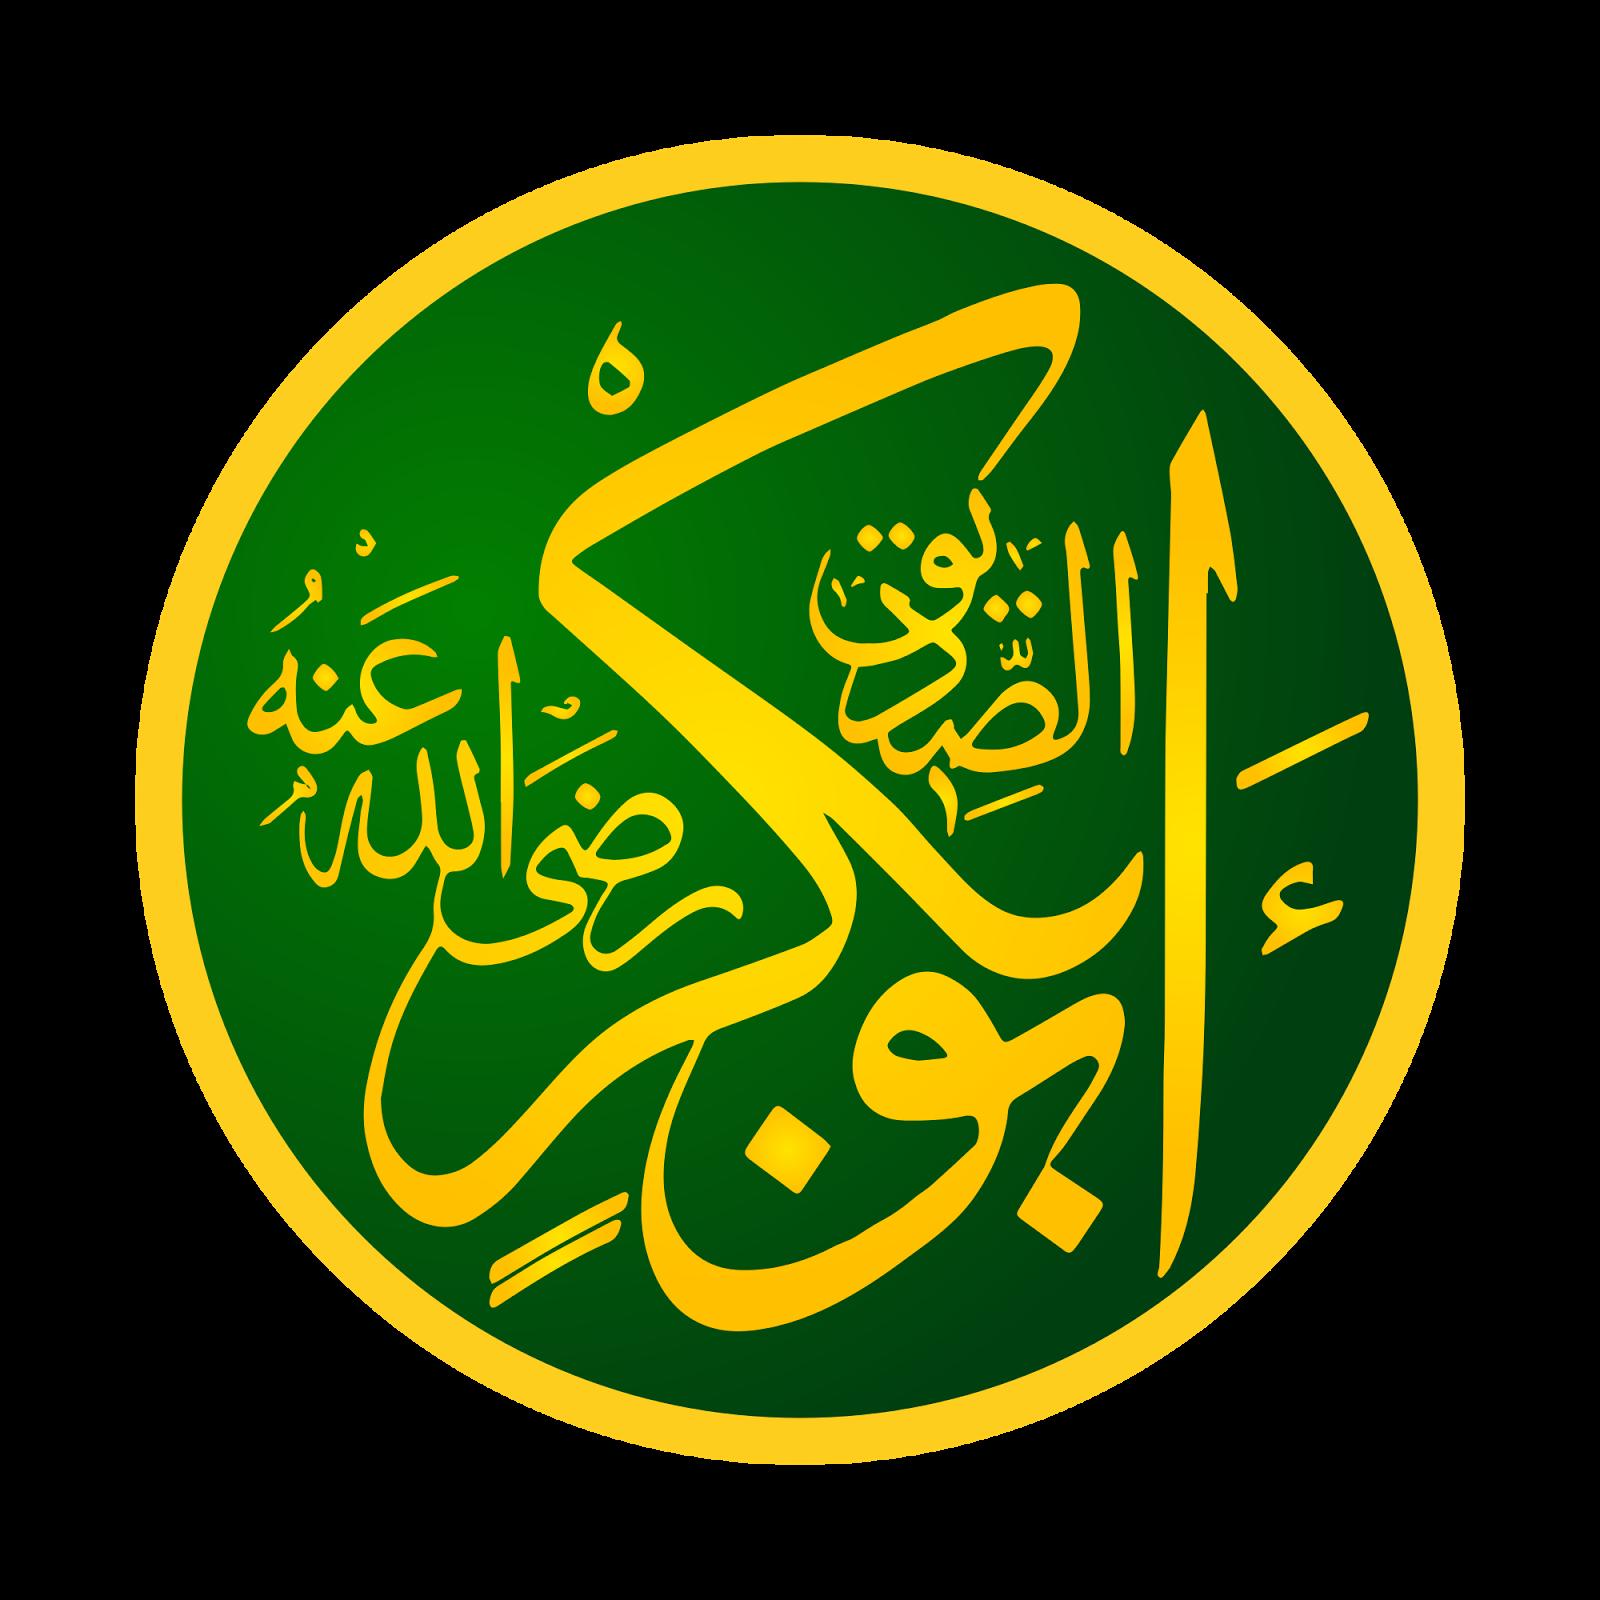 ابو بكر الصديق خليفة رسول الله